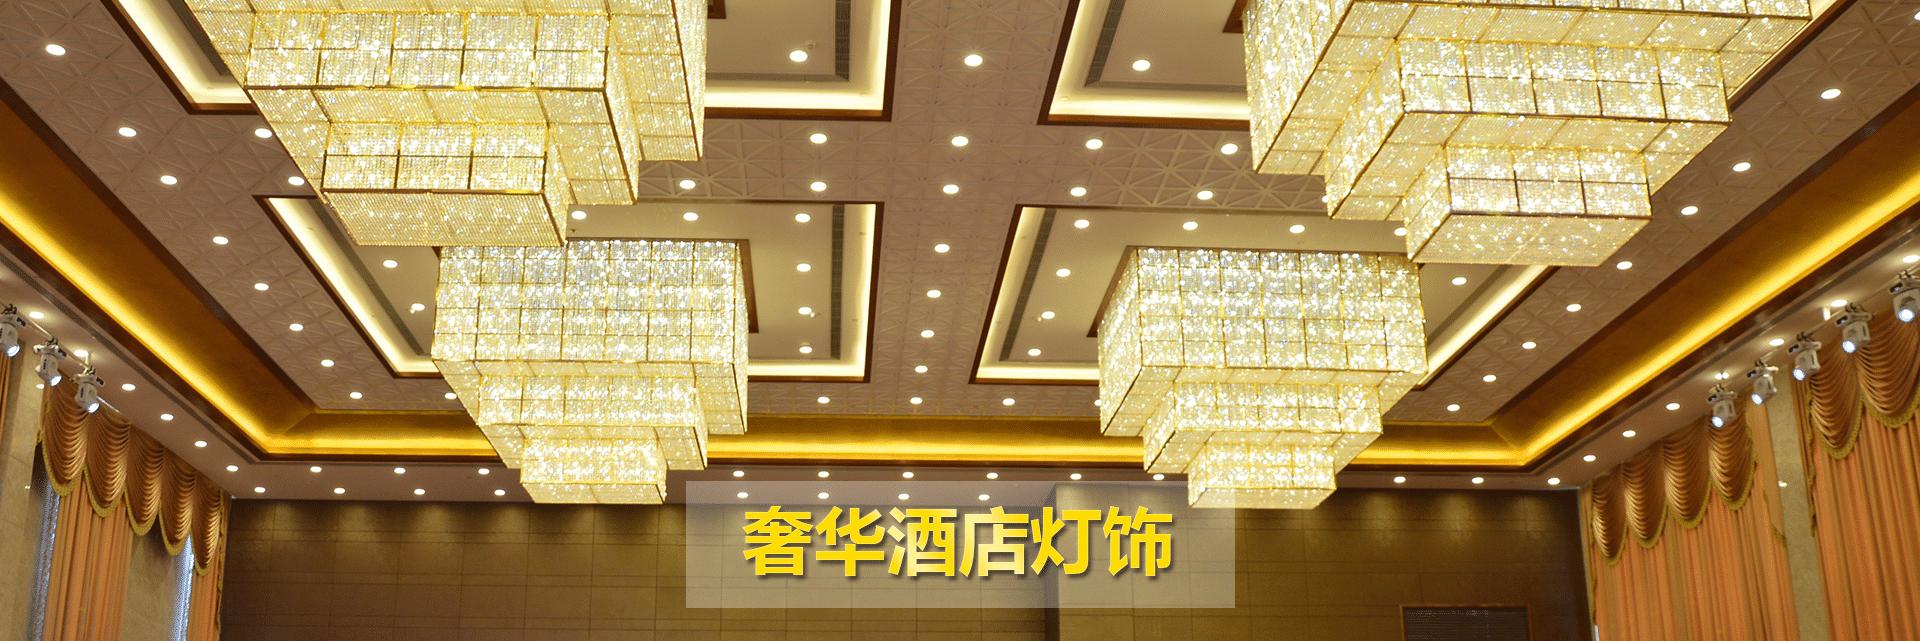 酒店水晶灯